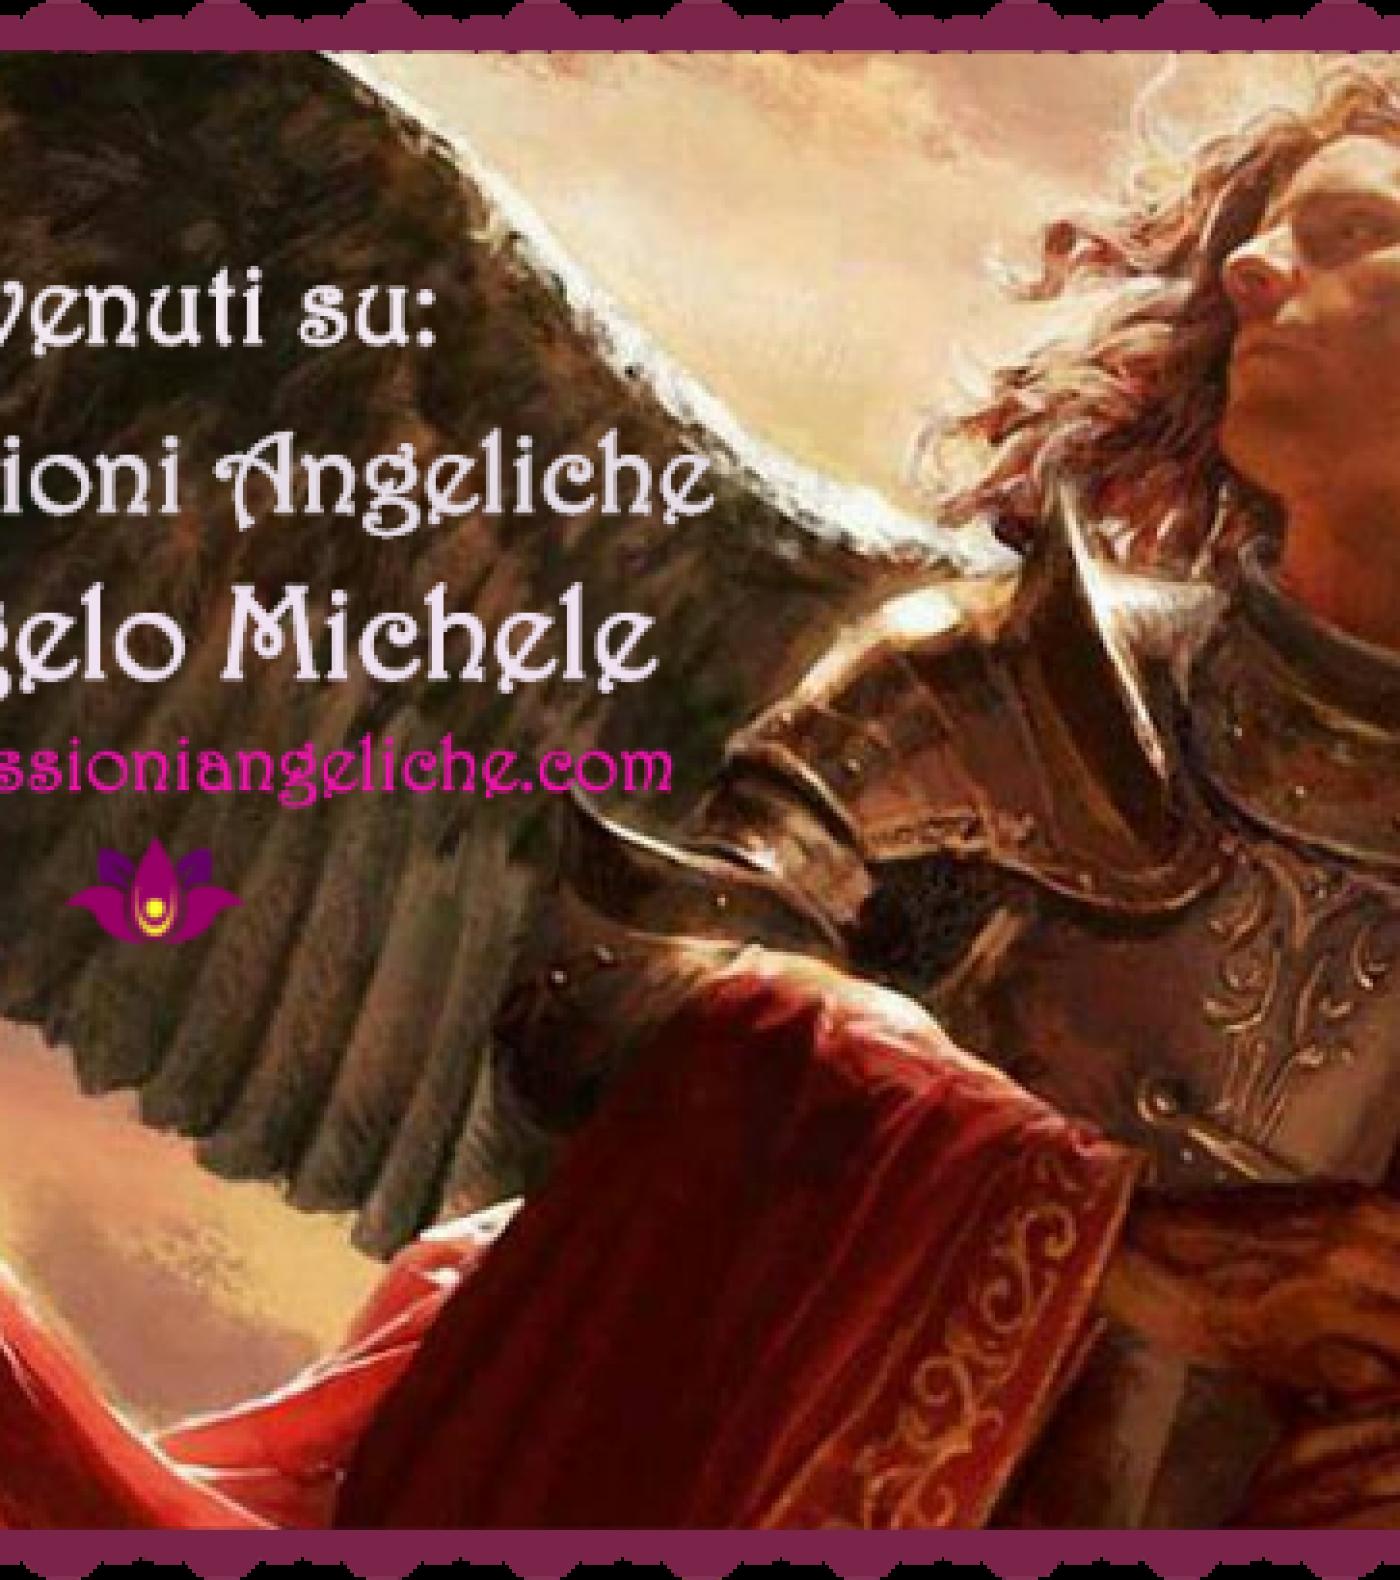 ARCANGELO MICHELE: PREGHIERA DI PROTEZIONE PSICHICA E DI PURIFICAZIONE CON L' ARCANGELO MICHELE.